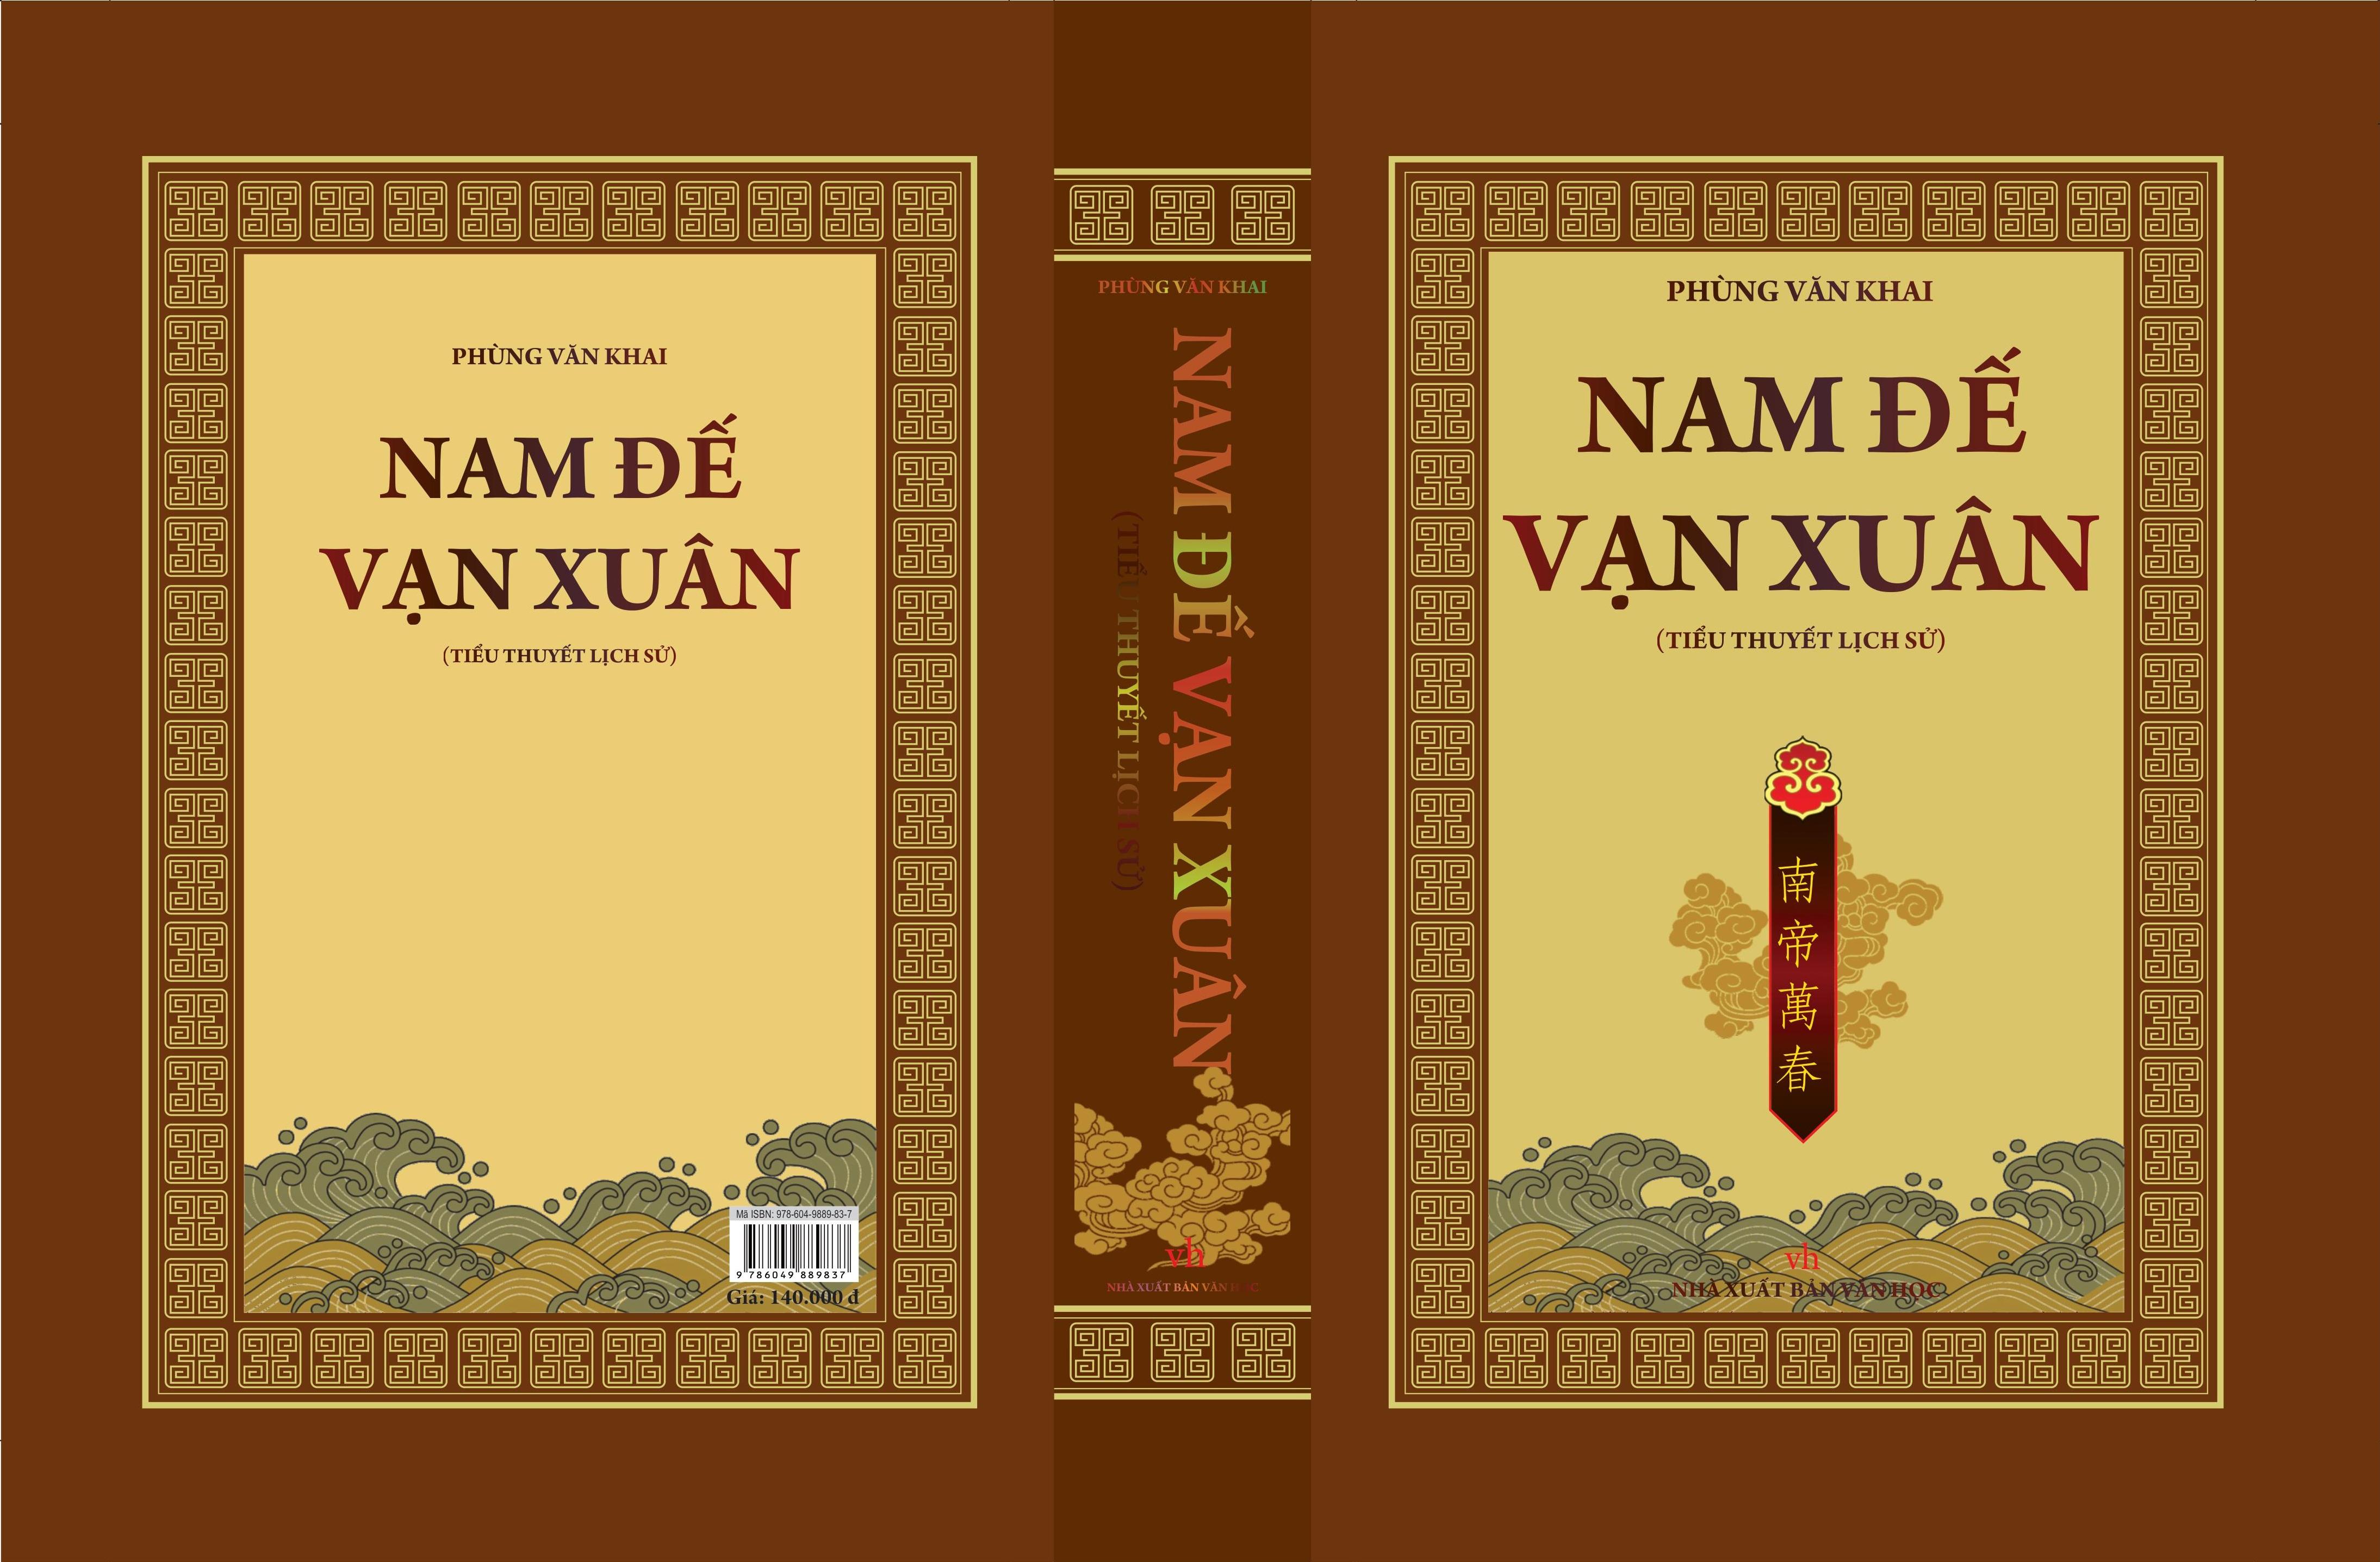 Tiểu thuyết Lịch sử Nam Đế Vạn Xuân